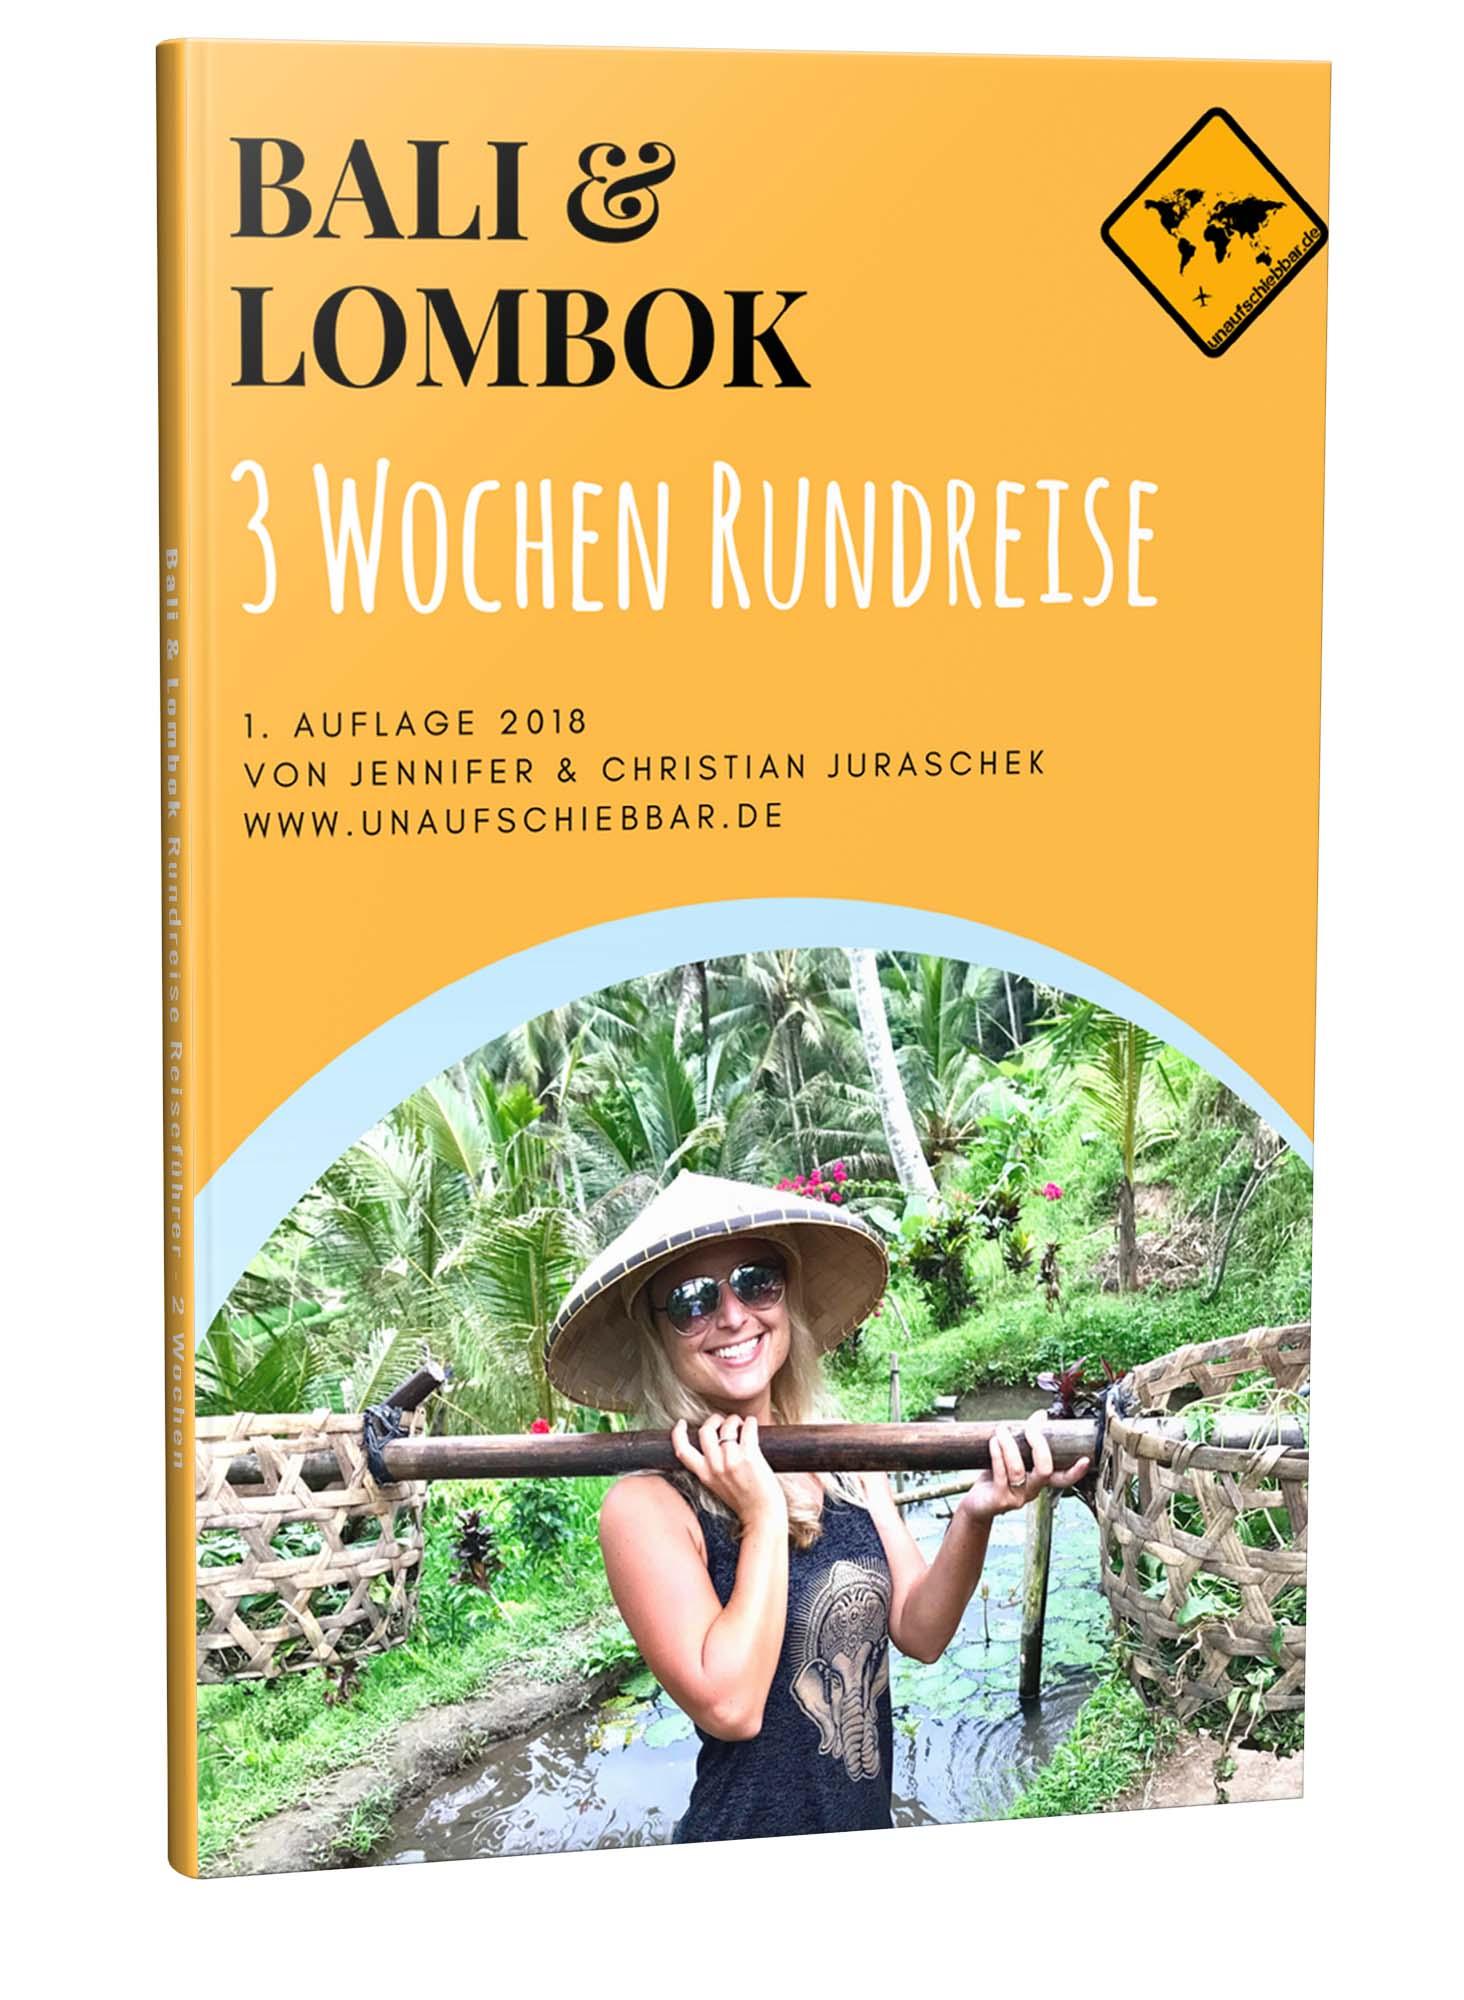 Bali Lombok Rundreise Reiseführer für 3 Wochen